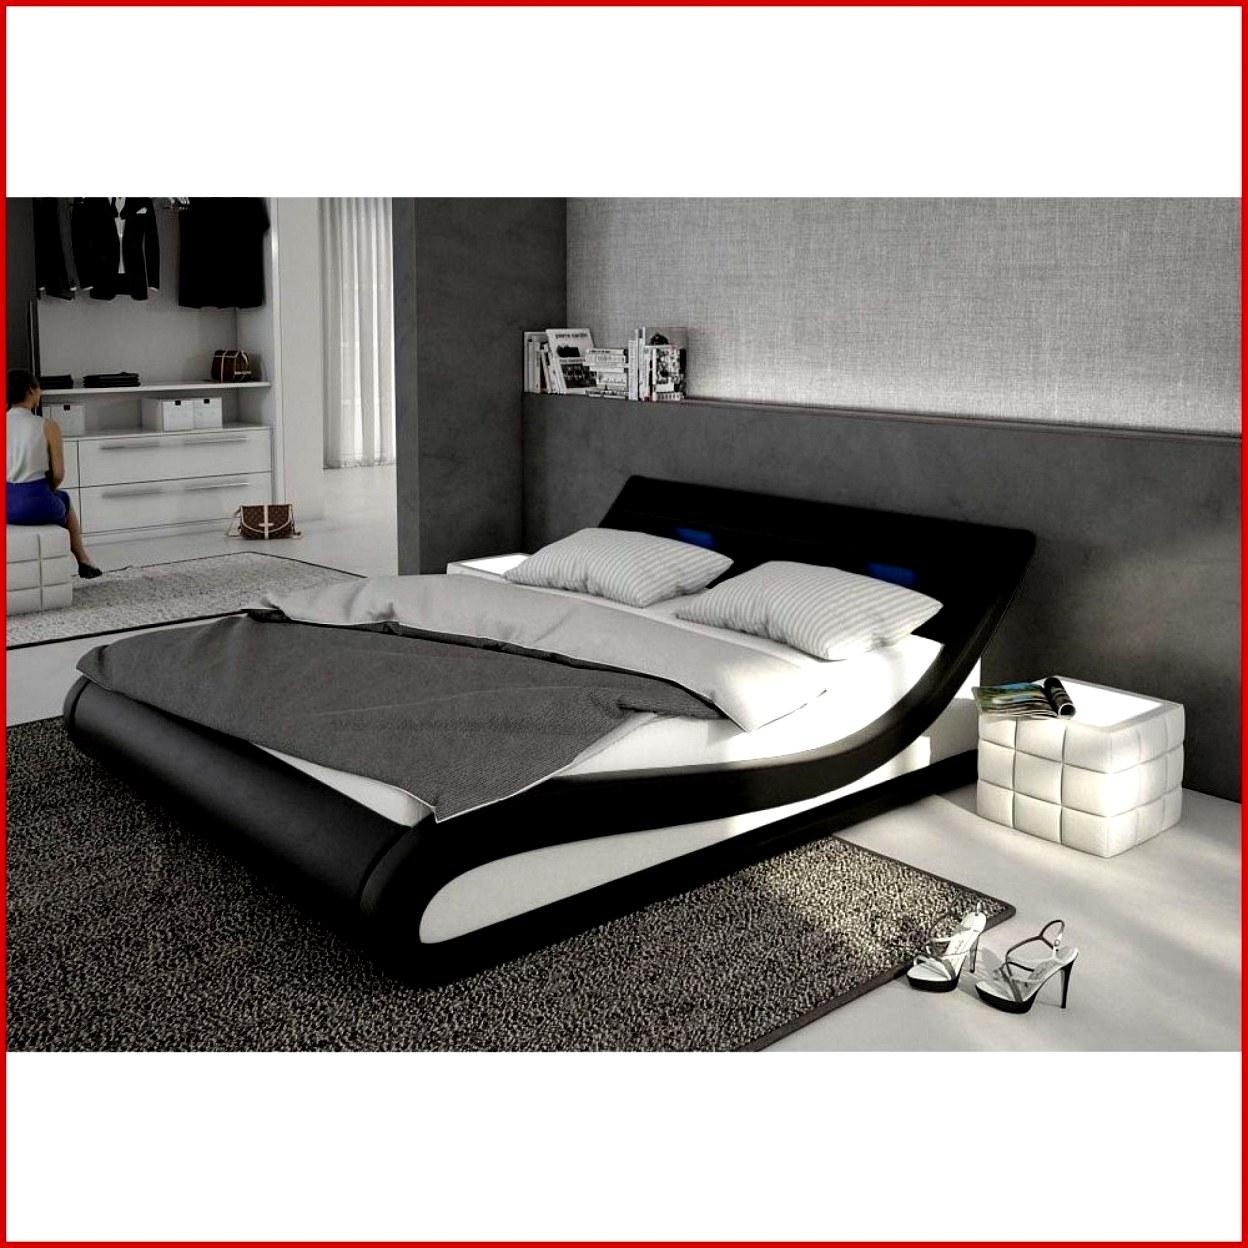 Full Size of Betten 140x200 Poco Zuhause Schlafzimmer Komplett Guenstig Weies Bei Ikea Für Teenager Dänisches Bettenlager Badezimmer Trends Dico Mit Matratze Und Wohnzimmer Betten 140x200 Poco